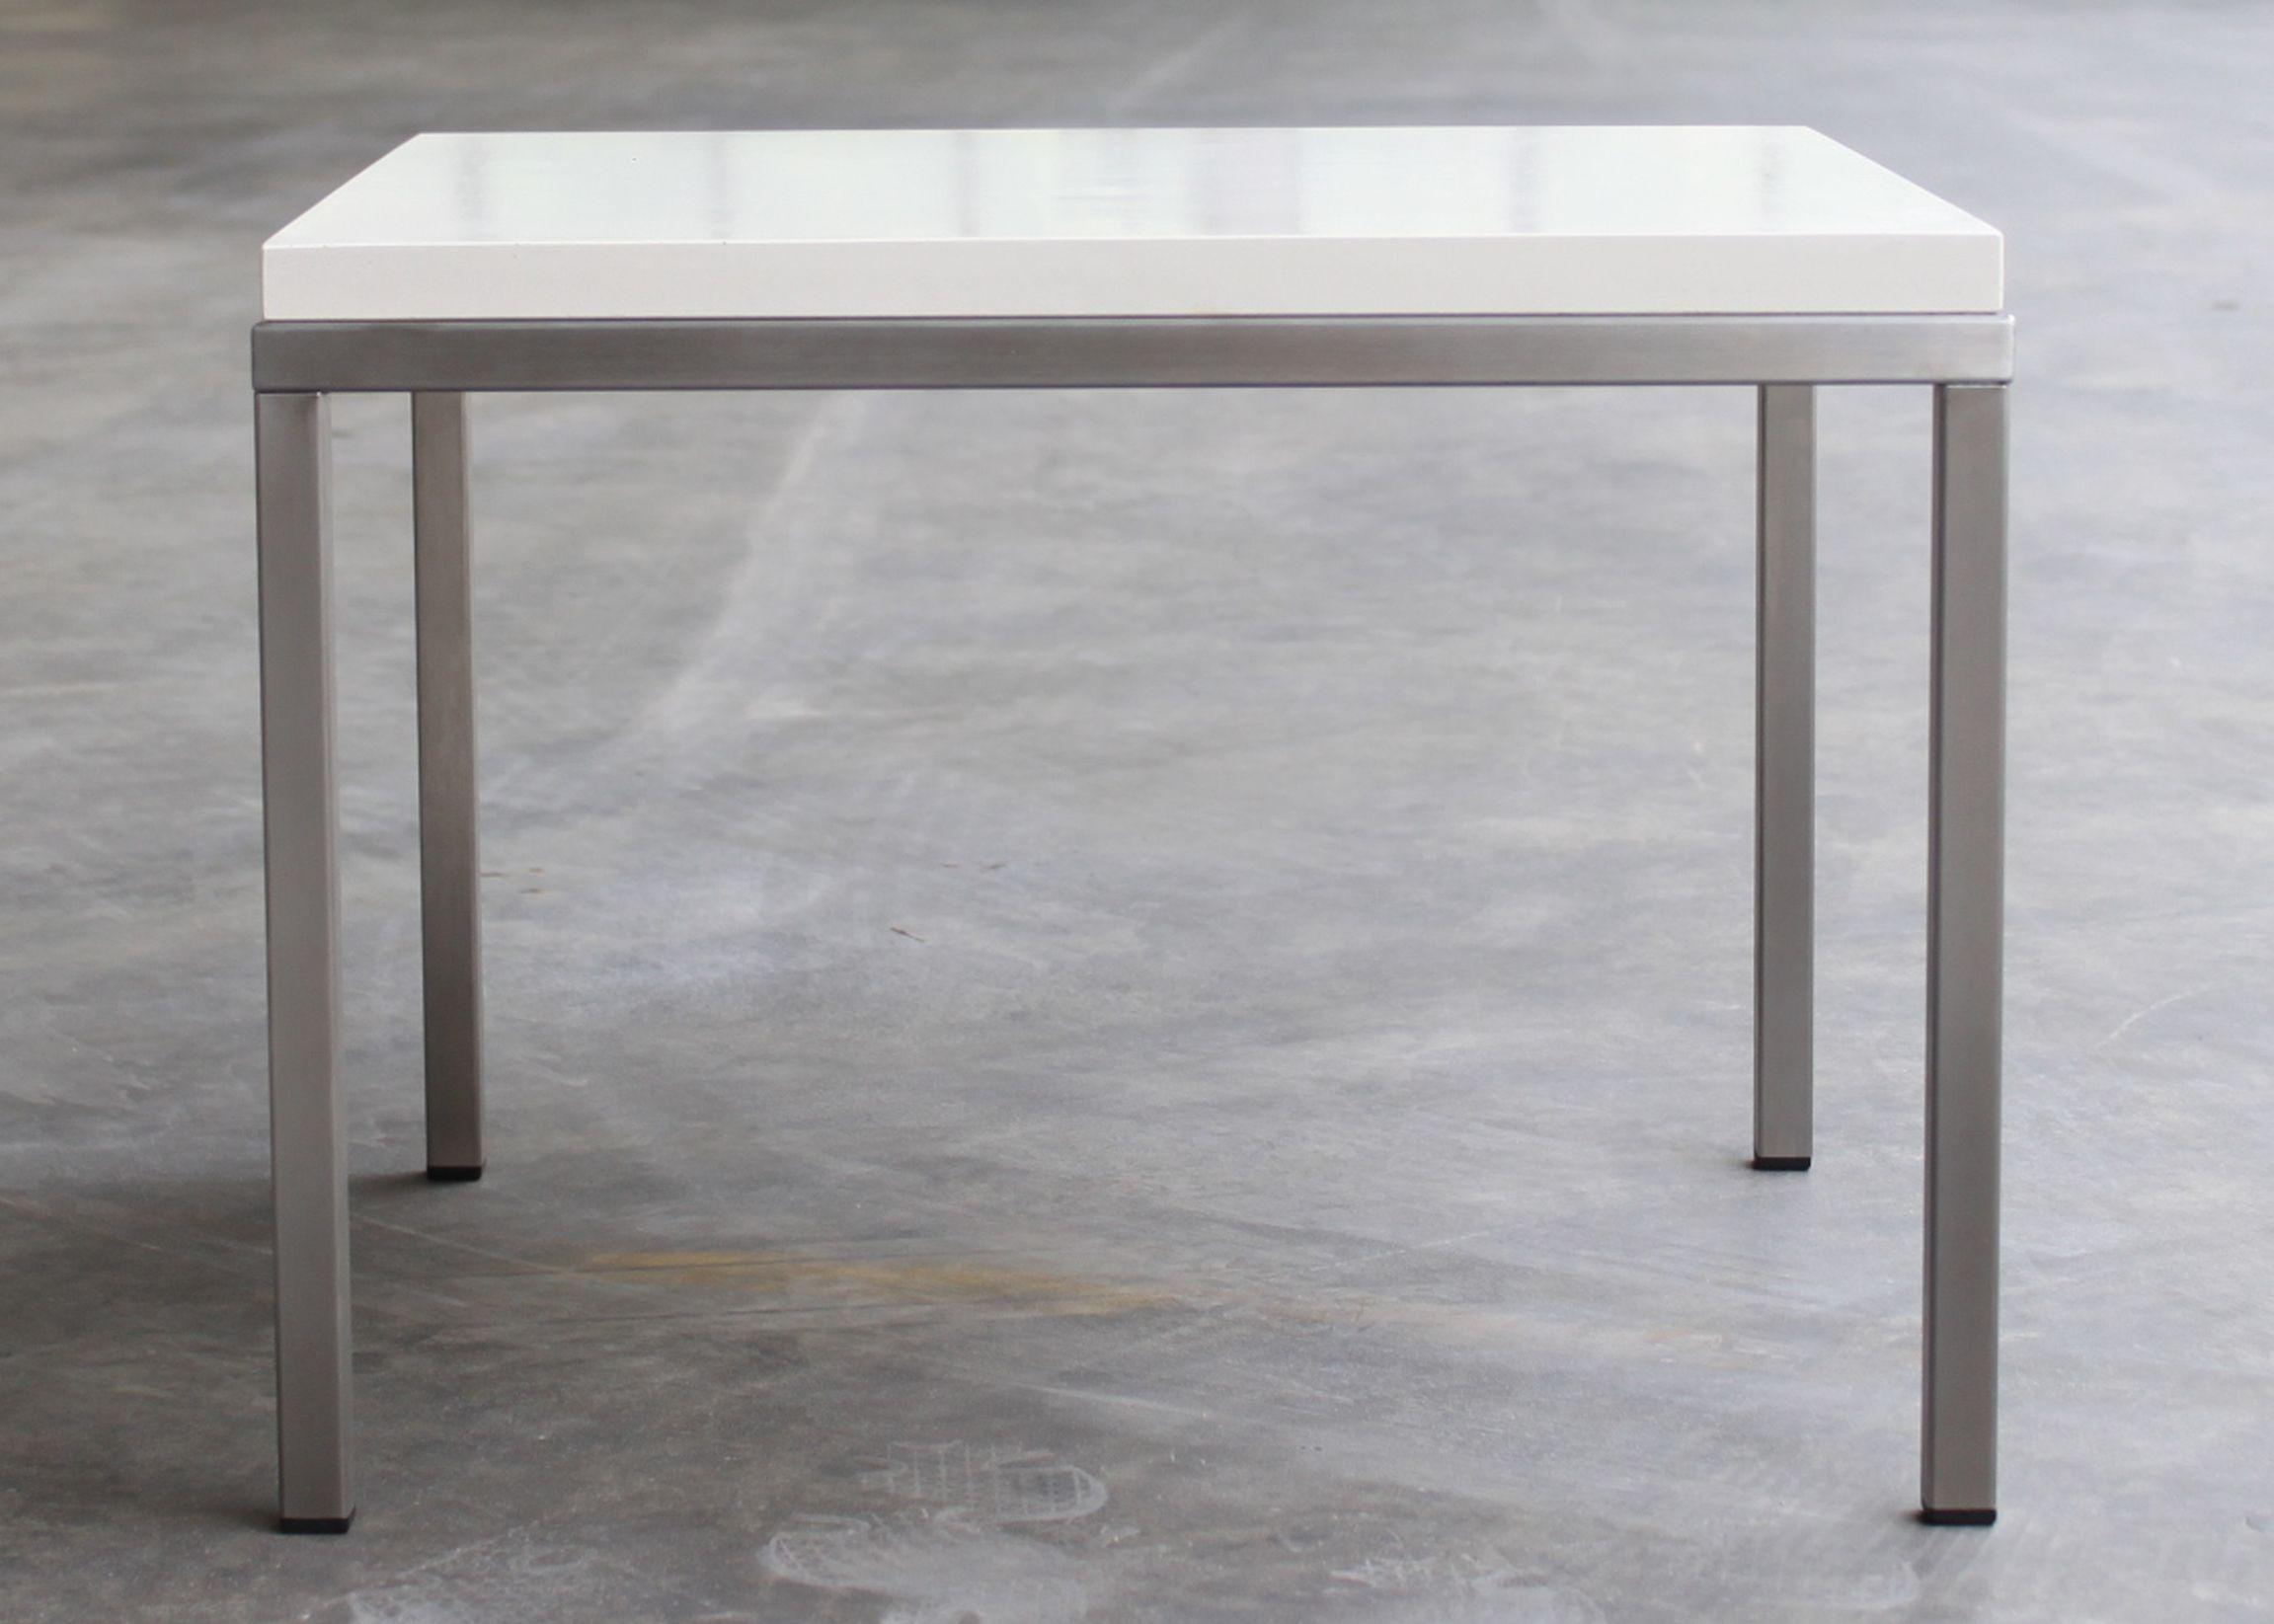 Betontisch Wohnzimmer ~ Esstisch betontisch beton stahl grey elegant esszimmer